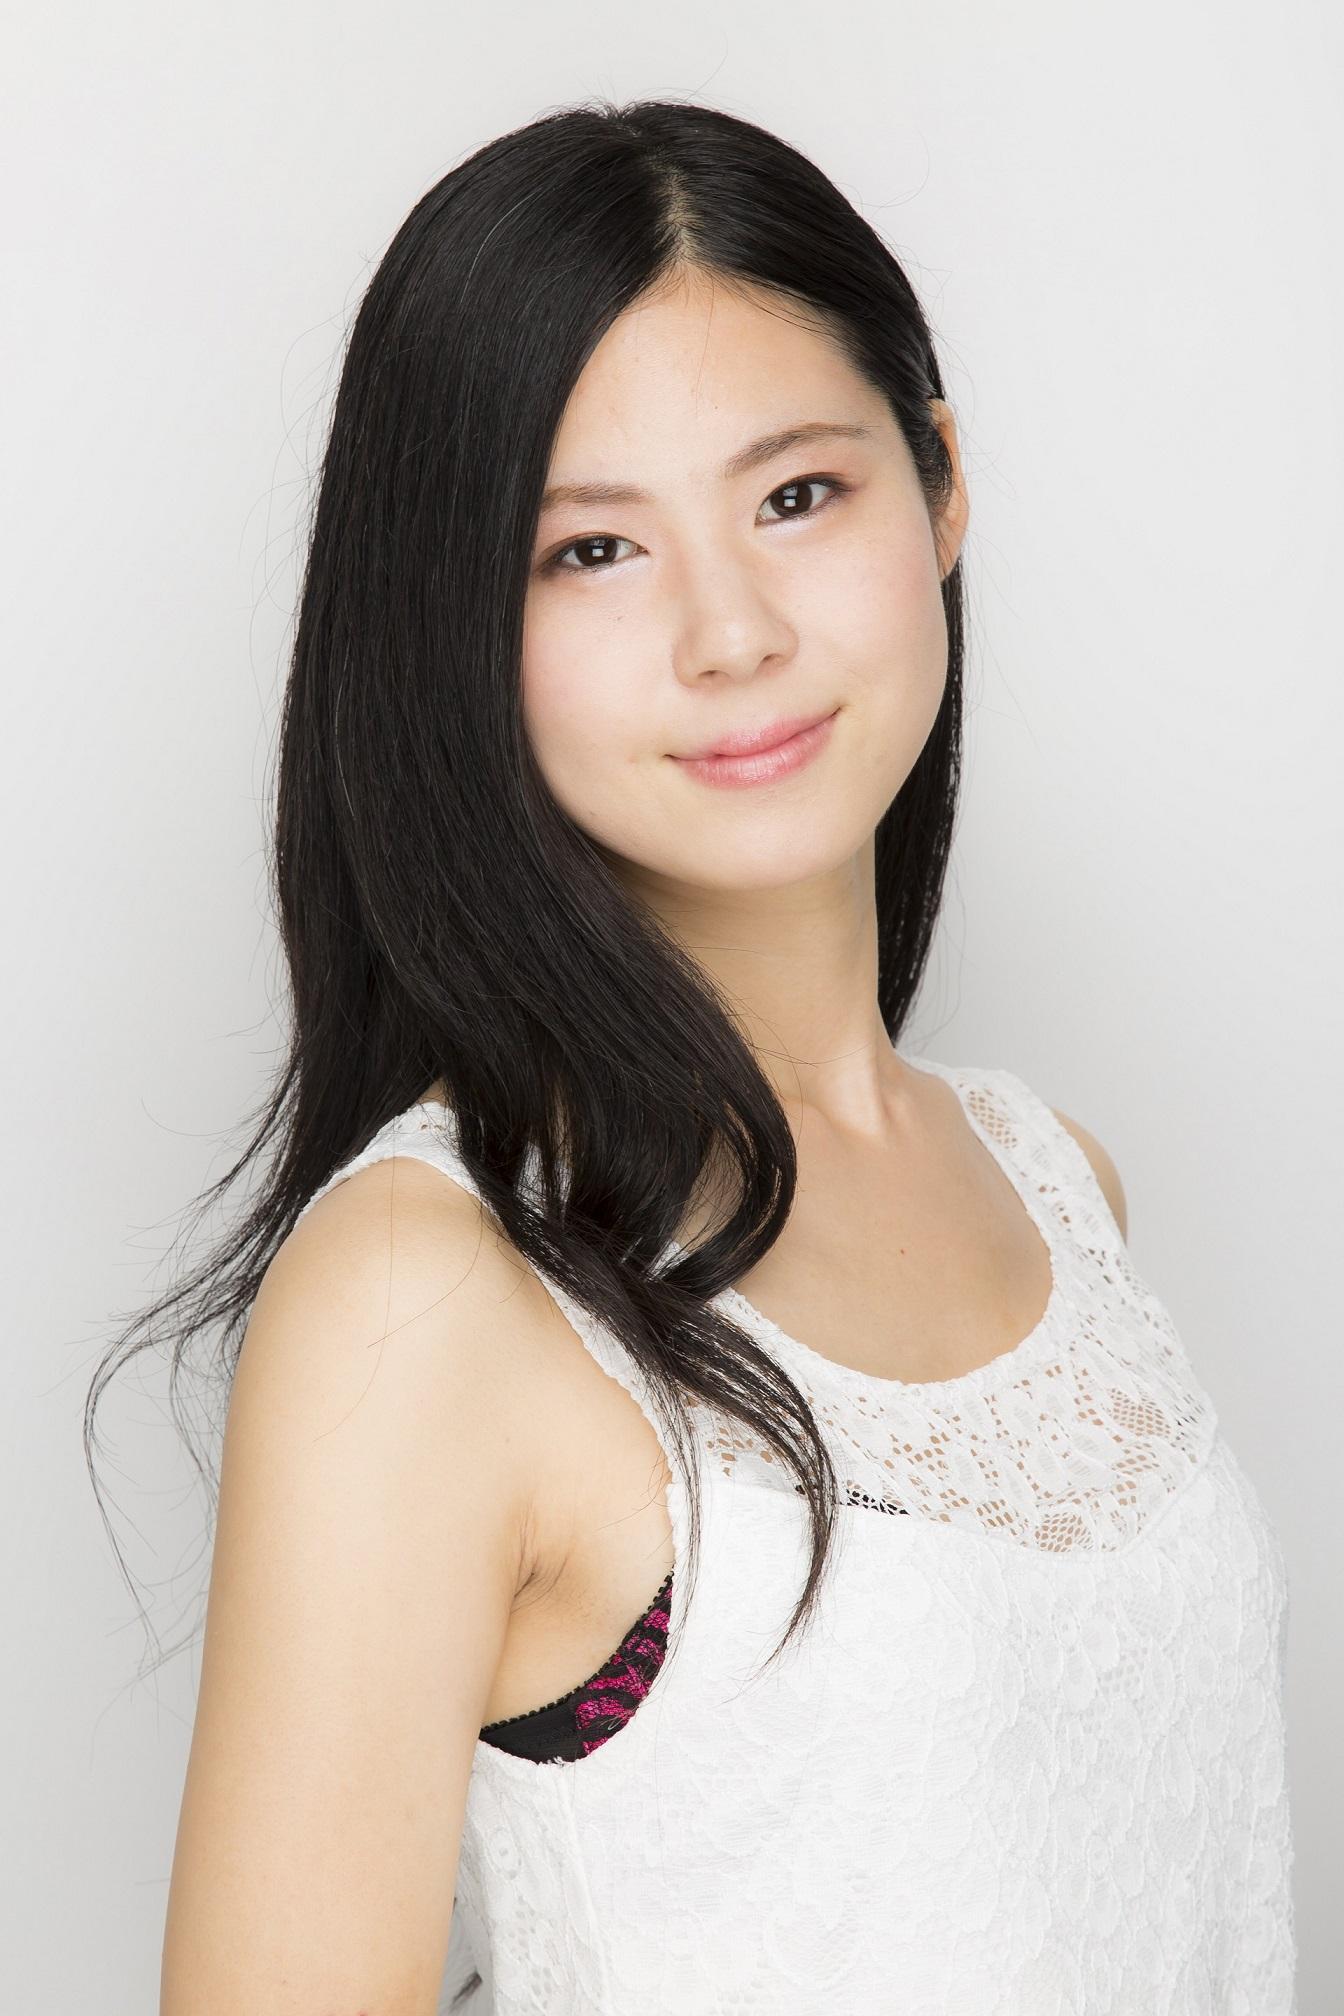 『A lot of Stories』の公開生放送に今井麻美さんら声優陣が出演! TGS2016会場から配信